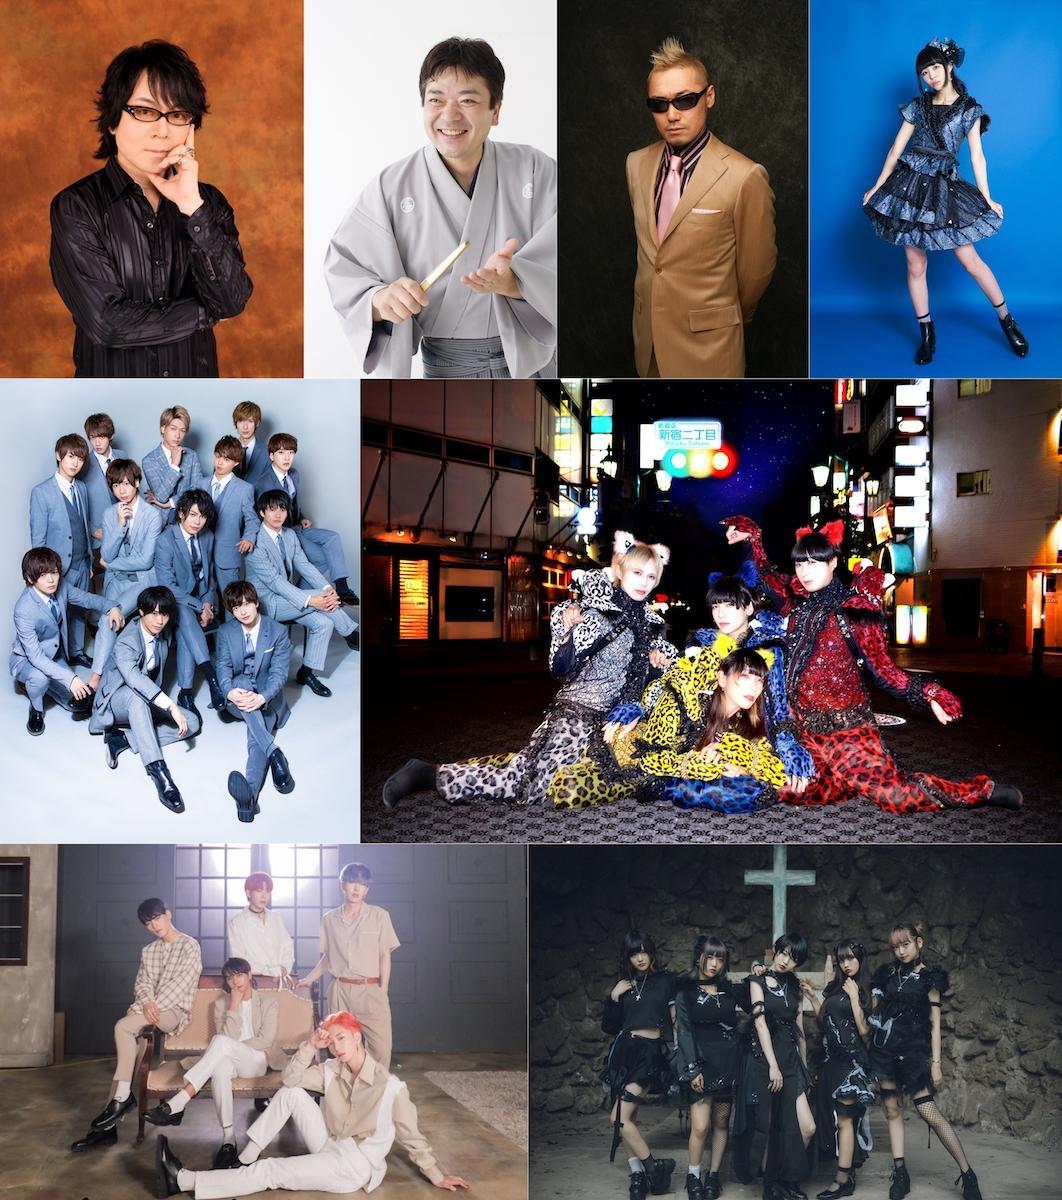 「新宿区若者のつどい2019」でトークやライブに出演する参加者